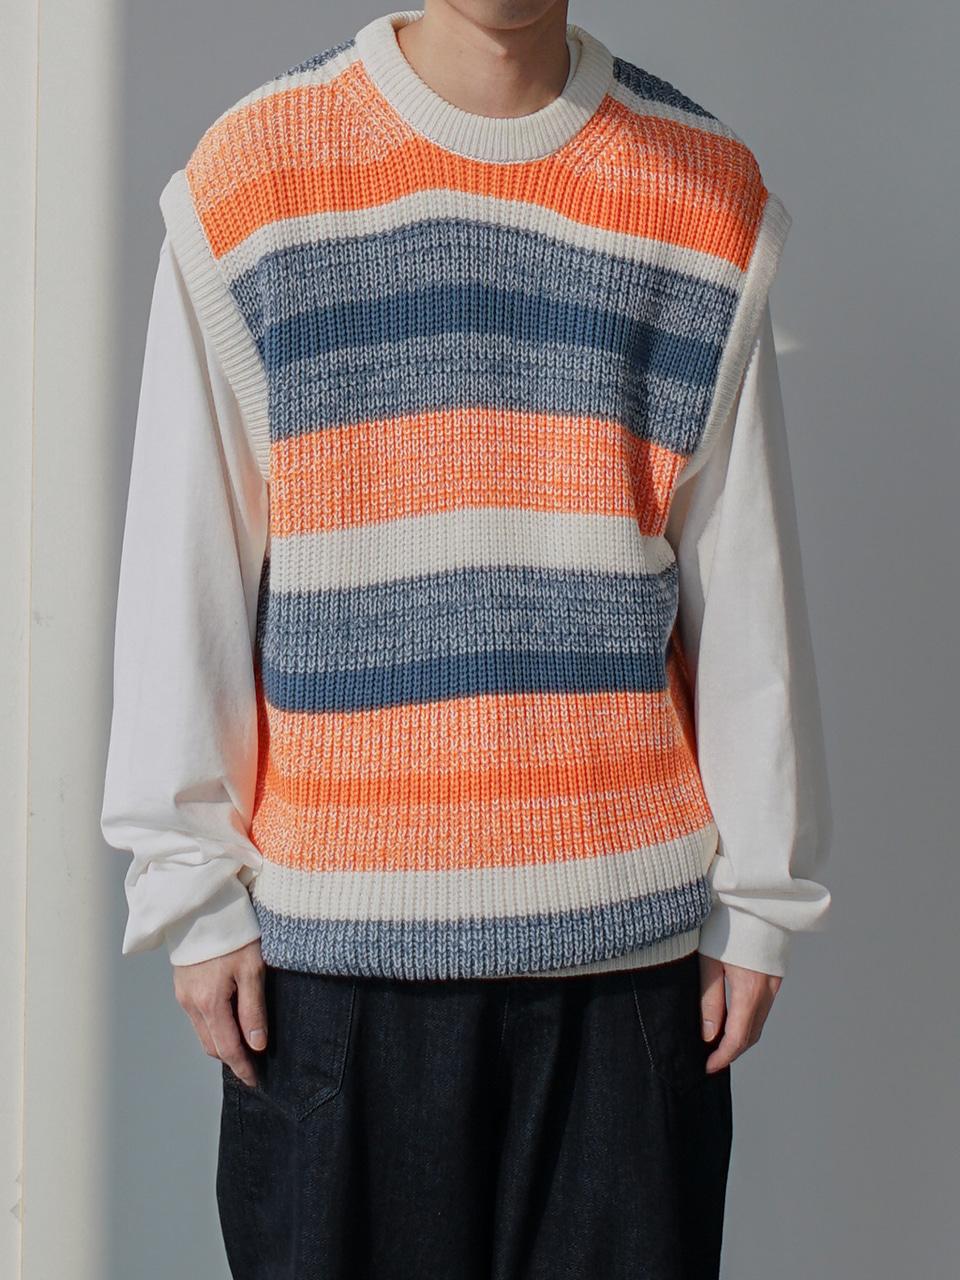 Luun Knit Vest (2color)